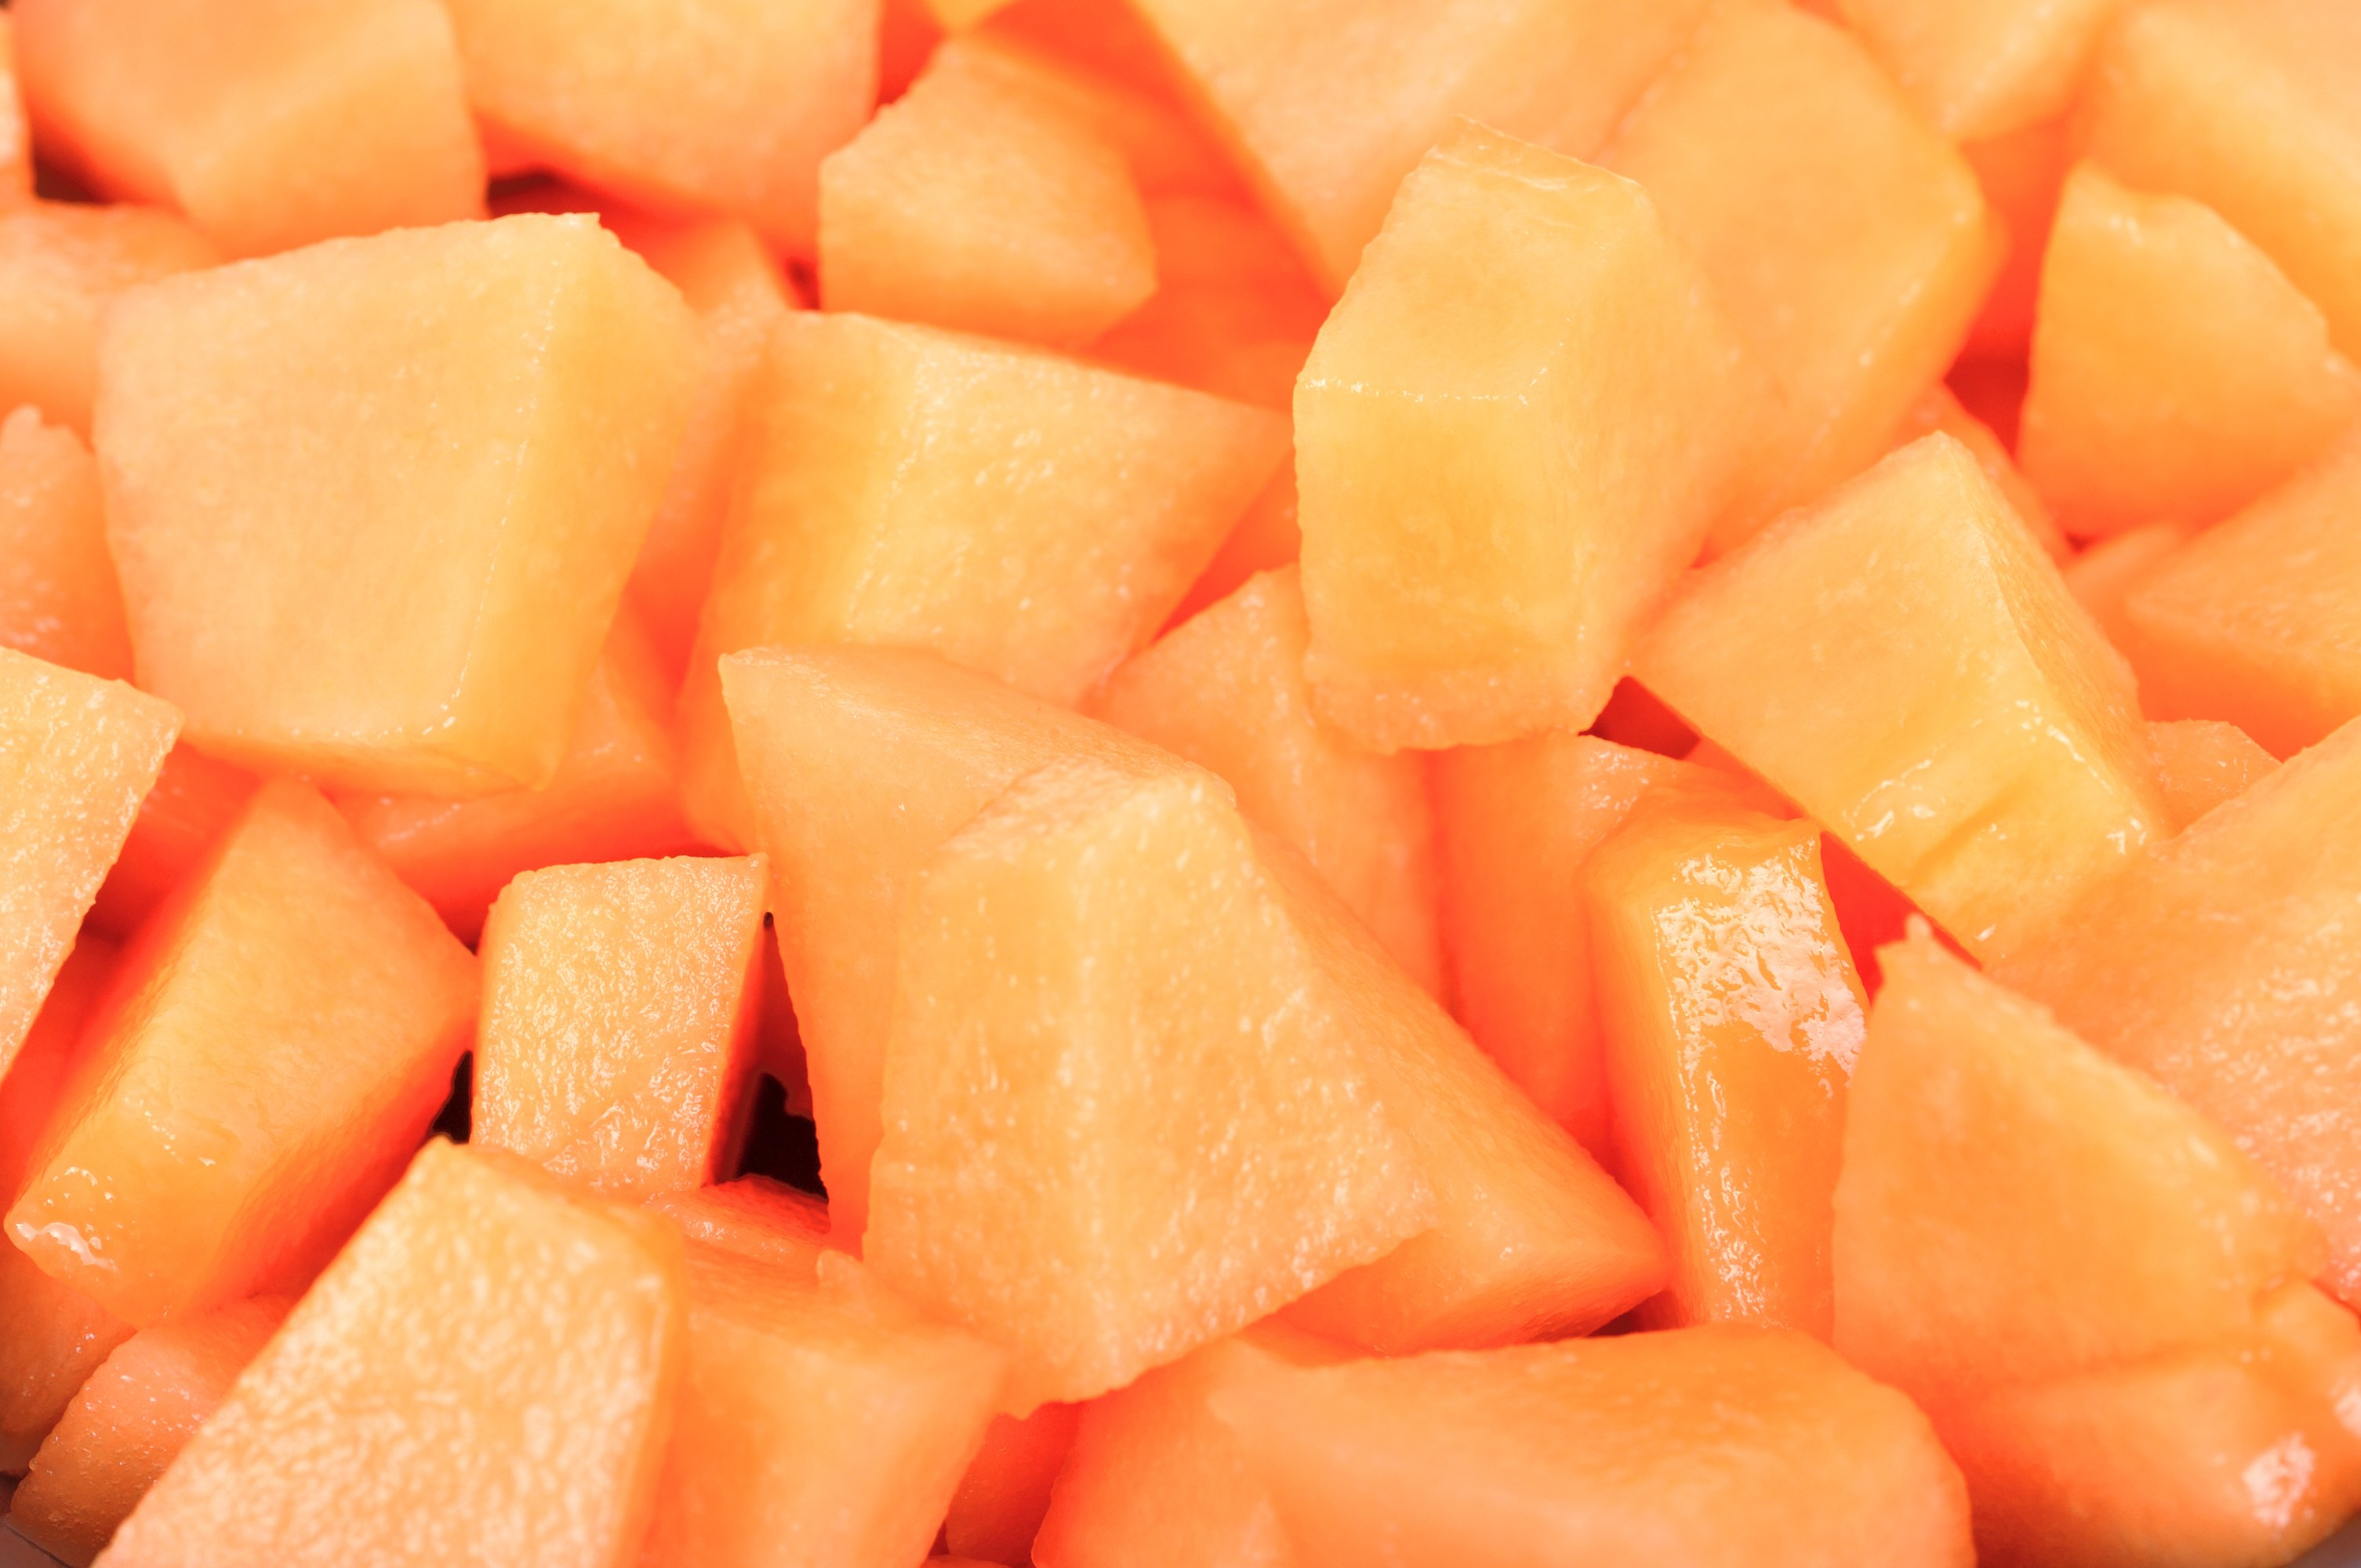 Rośnie liczba osób, ktore zaraziły się salmonellą po zjedzeniu skażonych melonów